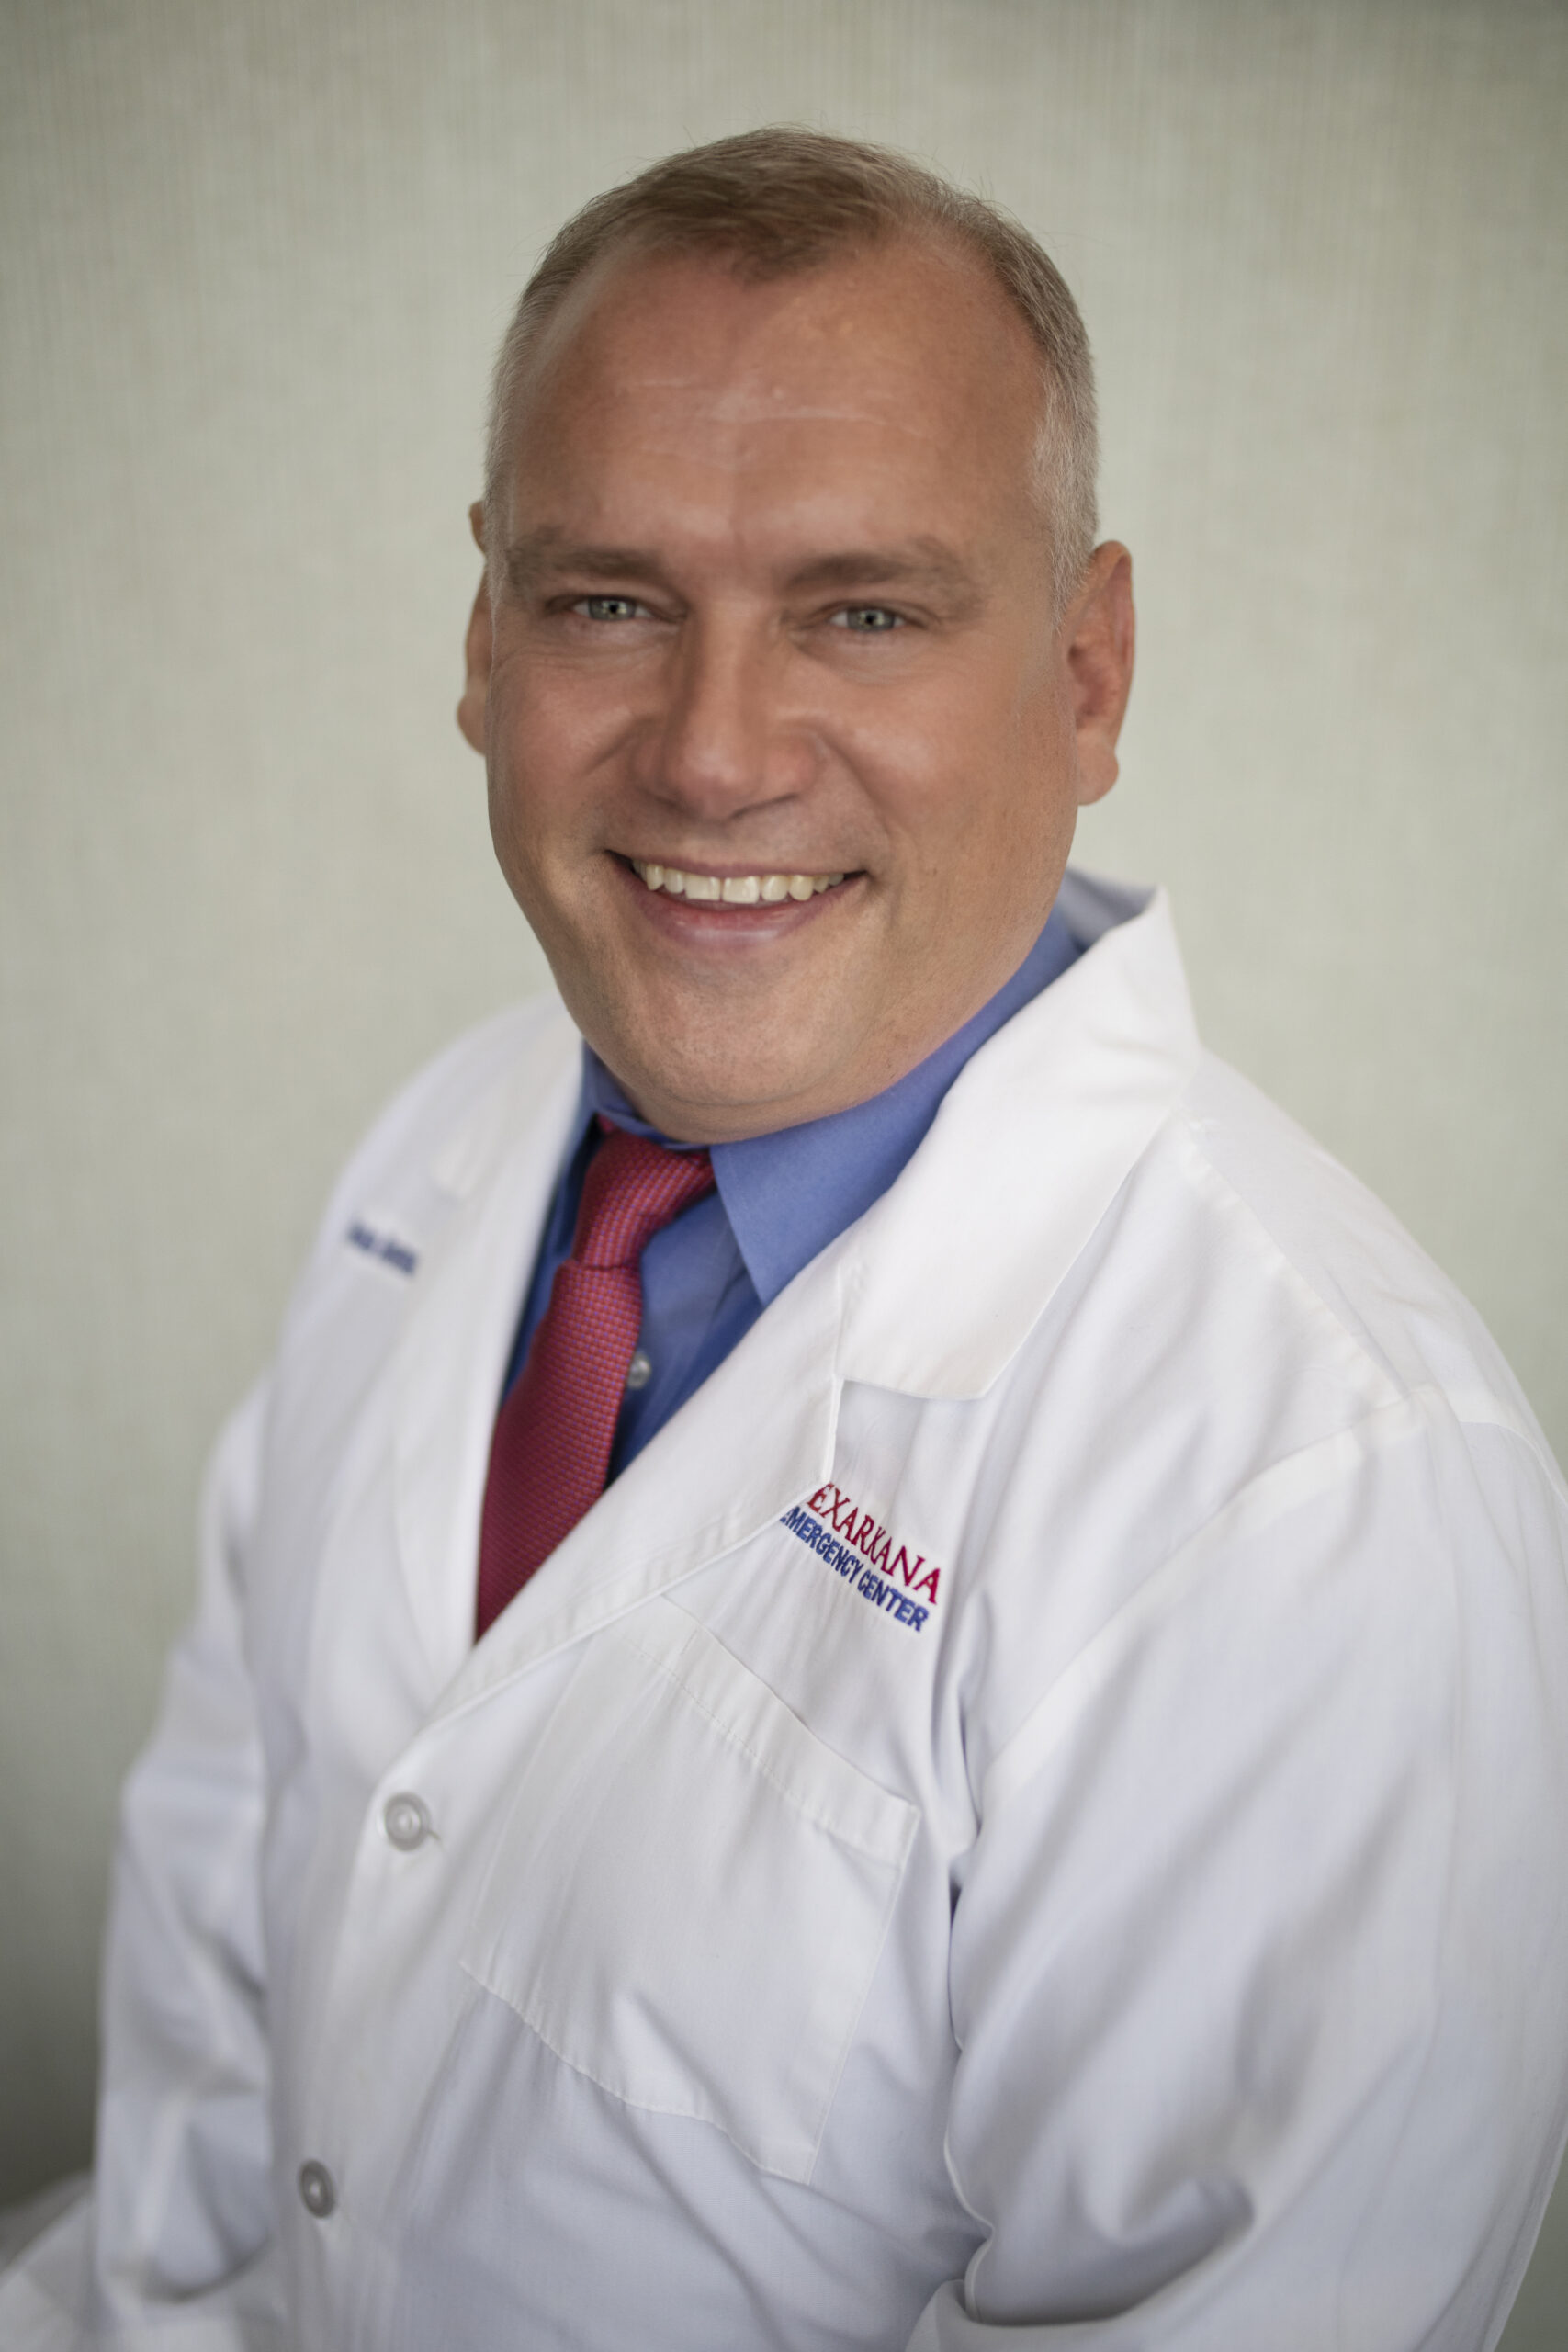 Dr. Dean Bowman